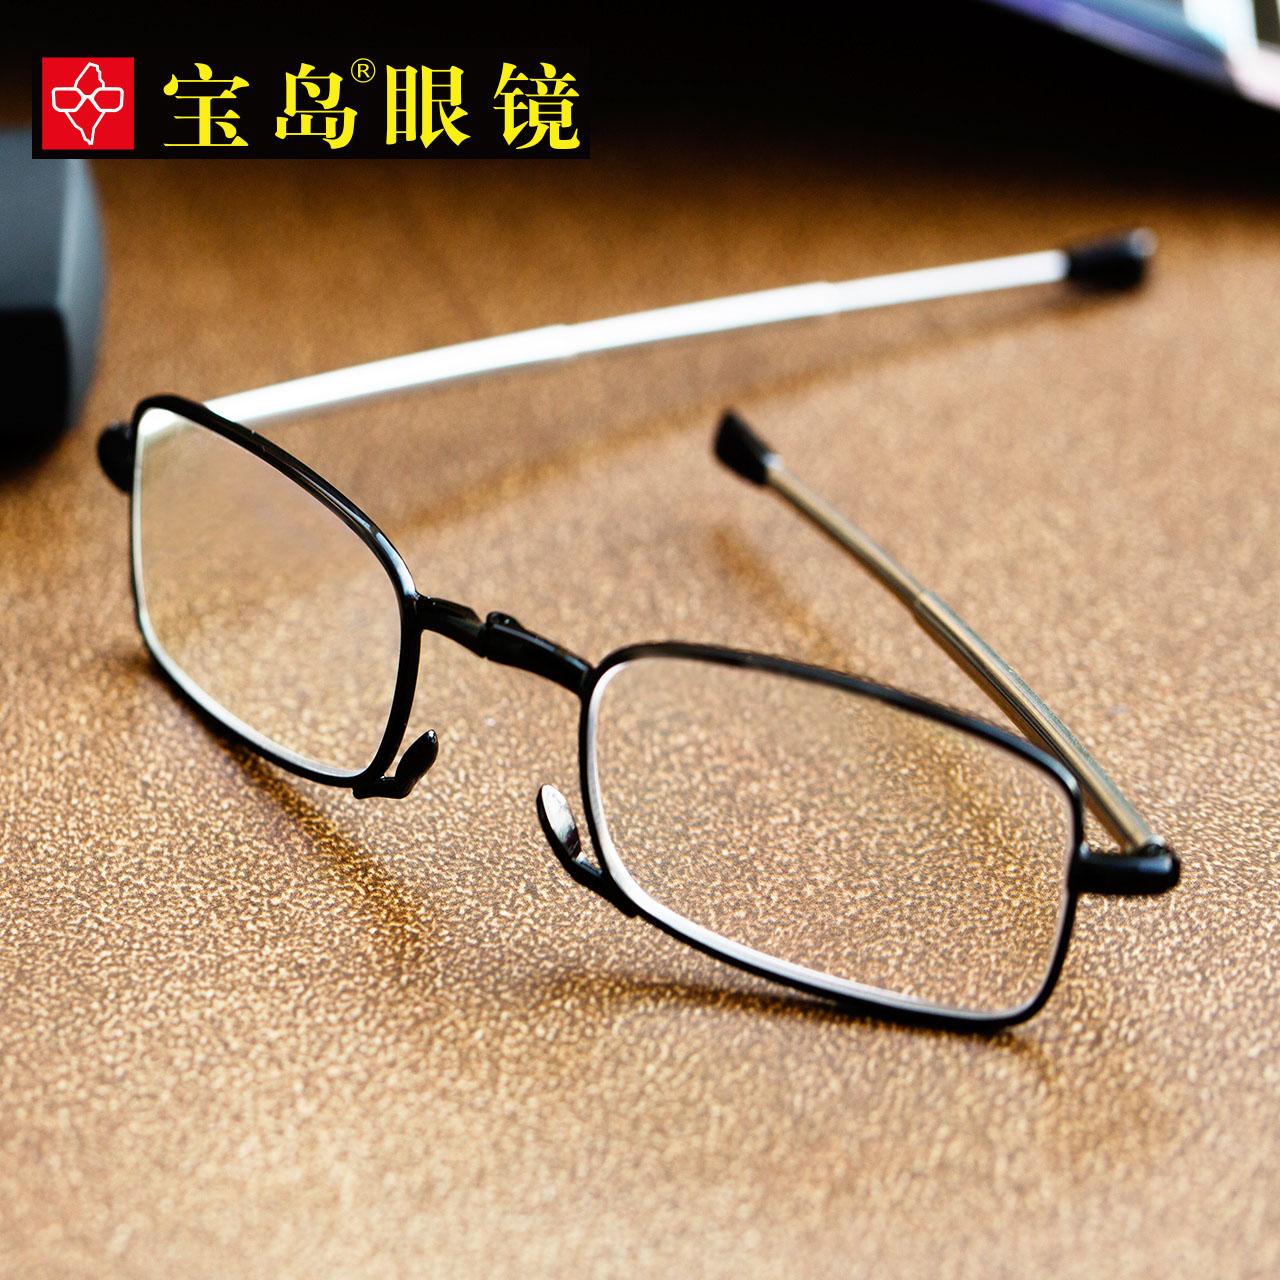 索柏 老花镜男女折叠简约树脂高清老光老人便携看书远视眼镜 1705